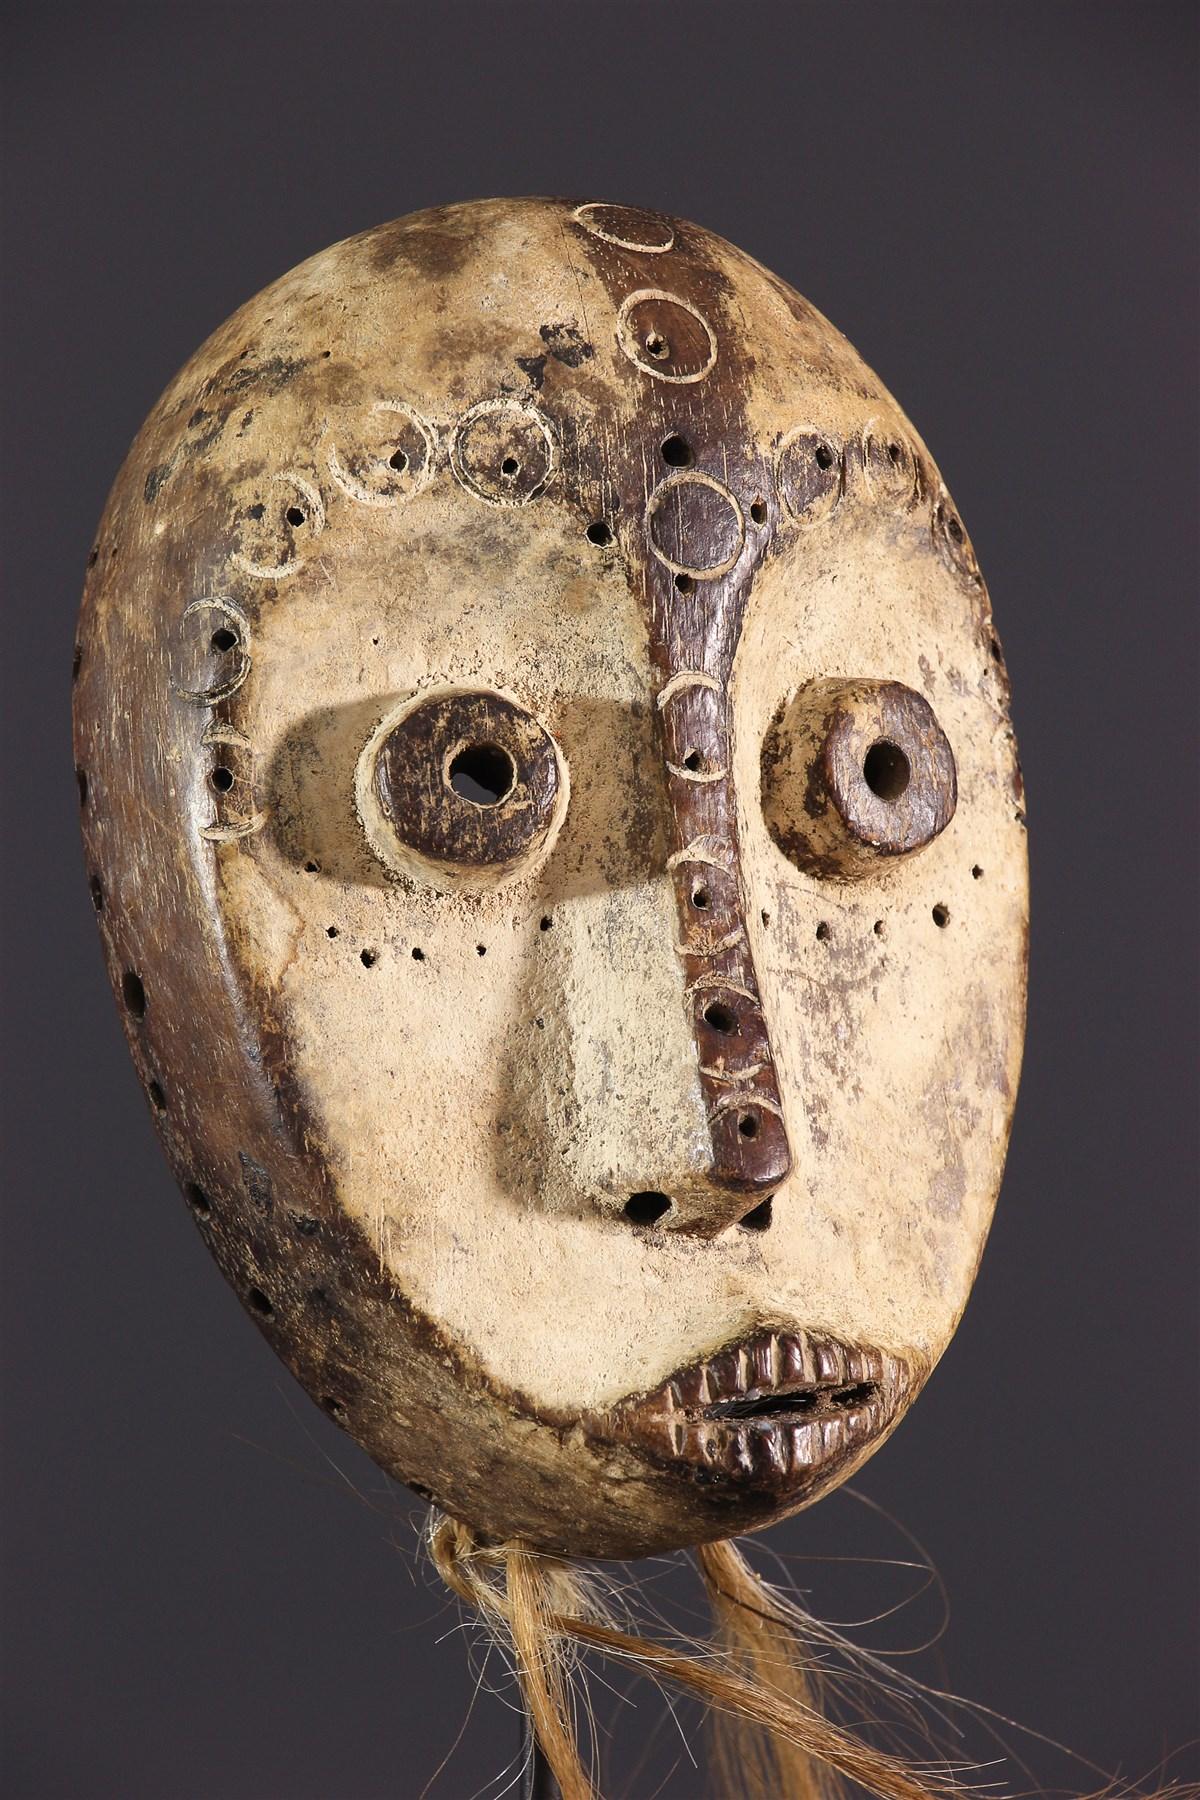 Masque Lega Lukwagengo - Art africain